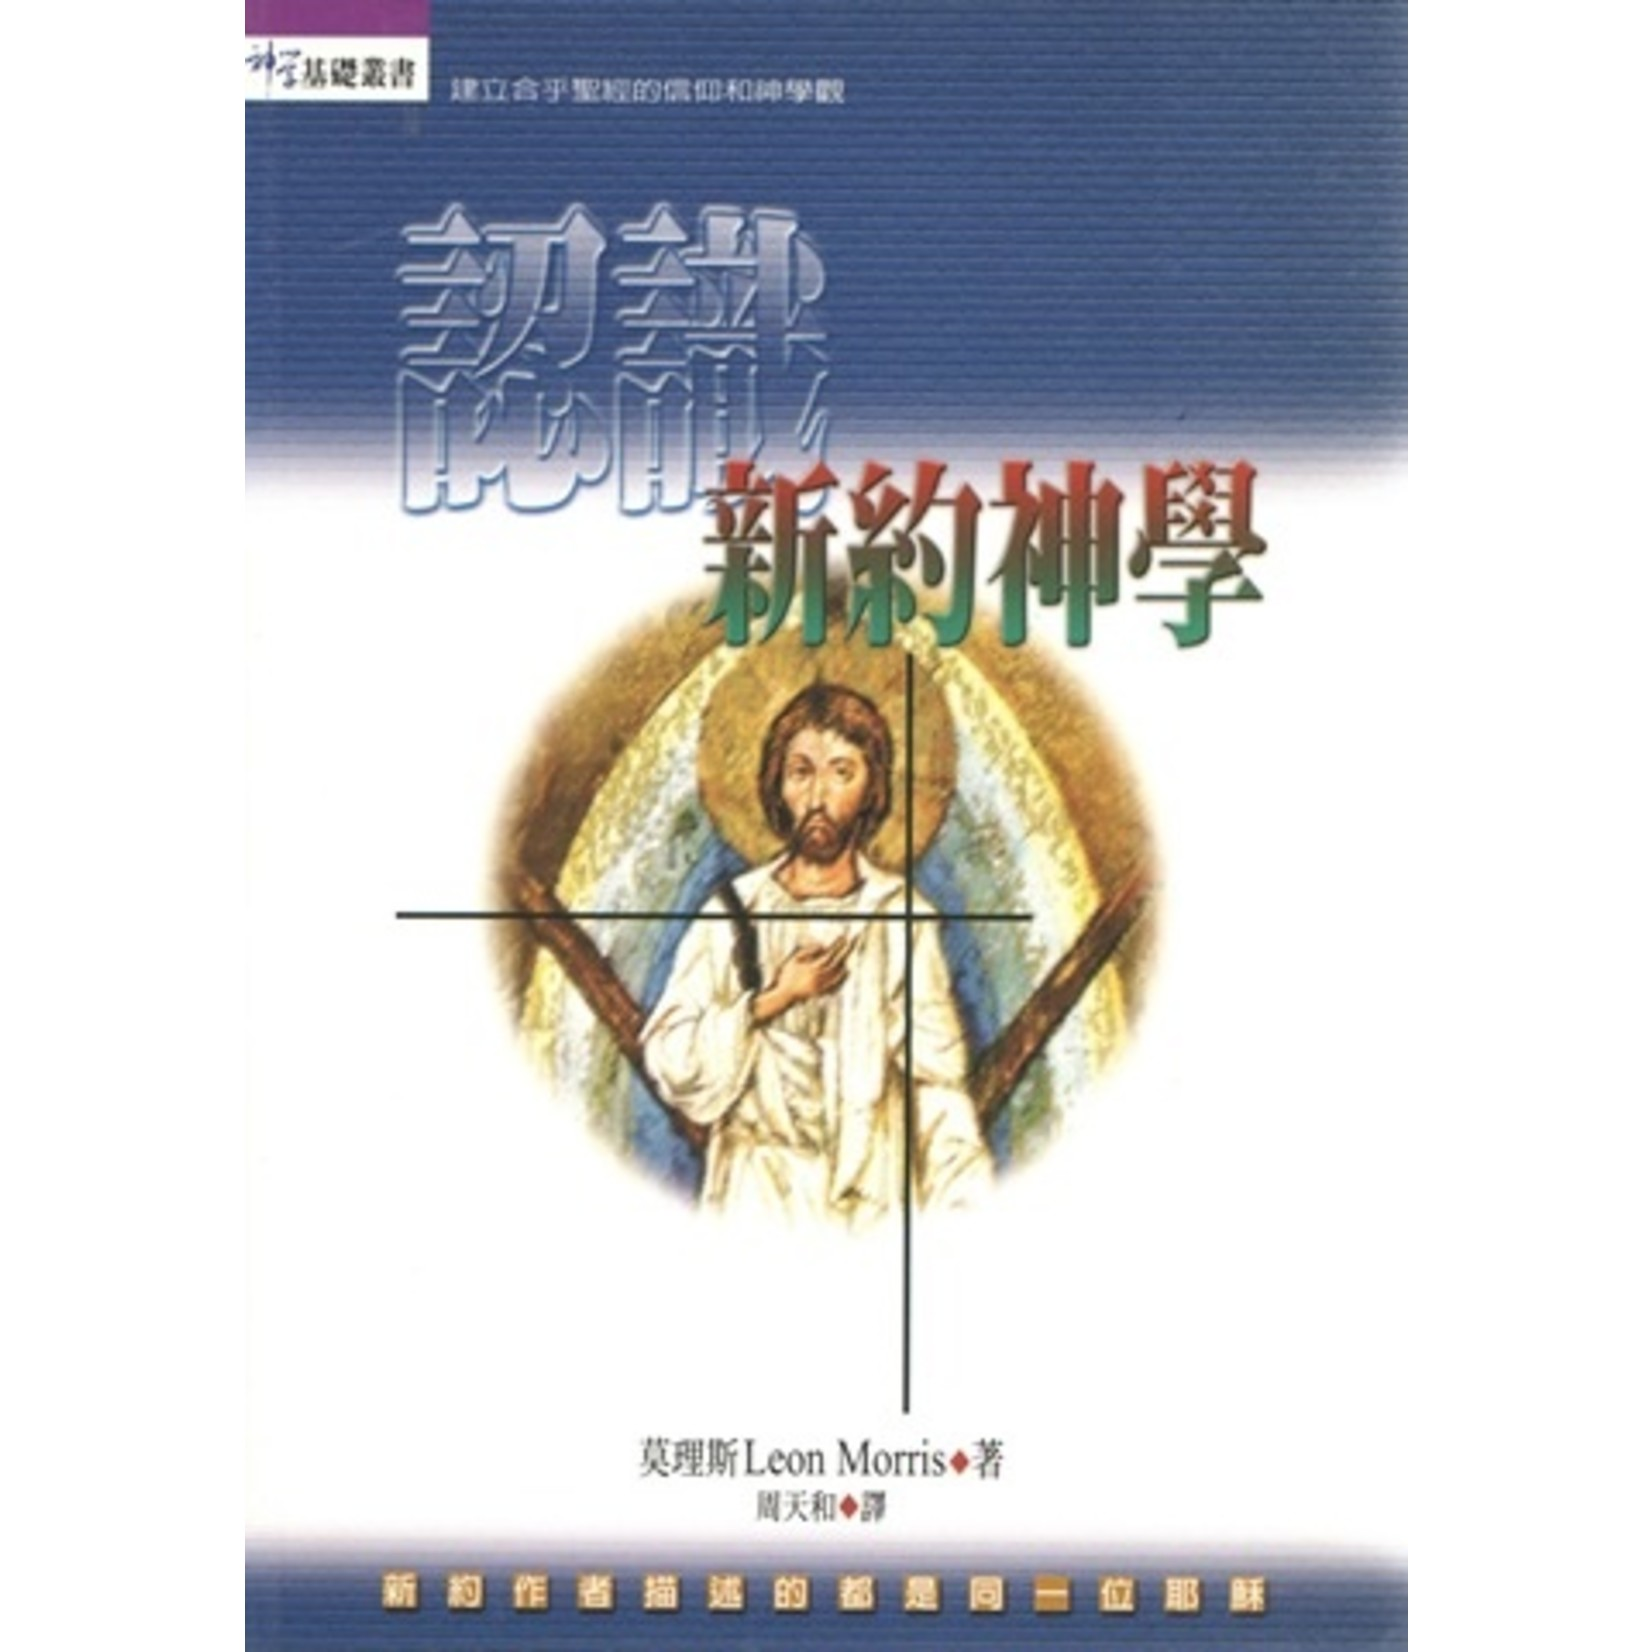 校園書房 Campus Books 識新約神學 New Testament Theology